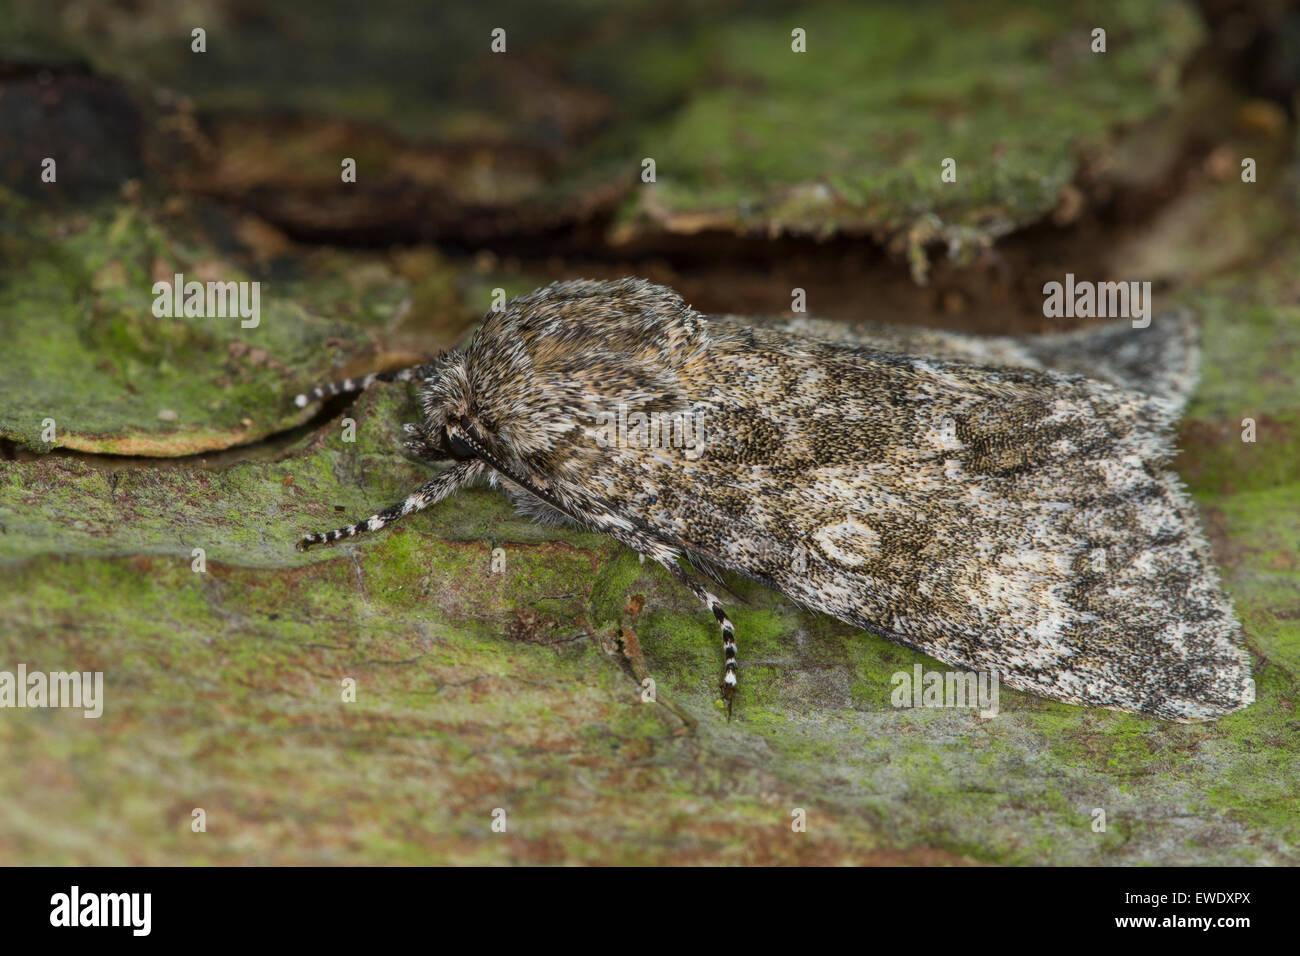 Poplar Grey, Großkopf-Rindeneule, Großkopf, Aueneule, Acronicta megacephala, Apatele megacephala, Eulenfalter, - Stock Image